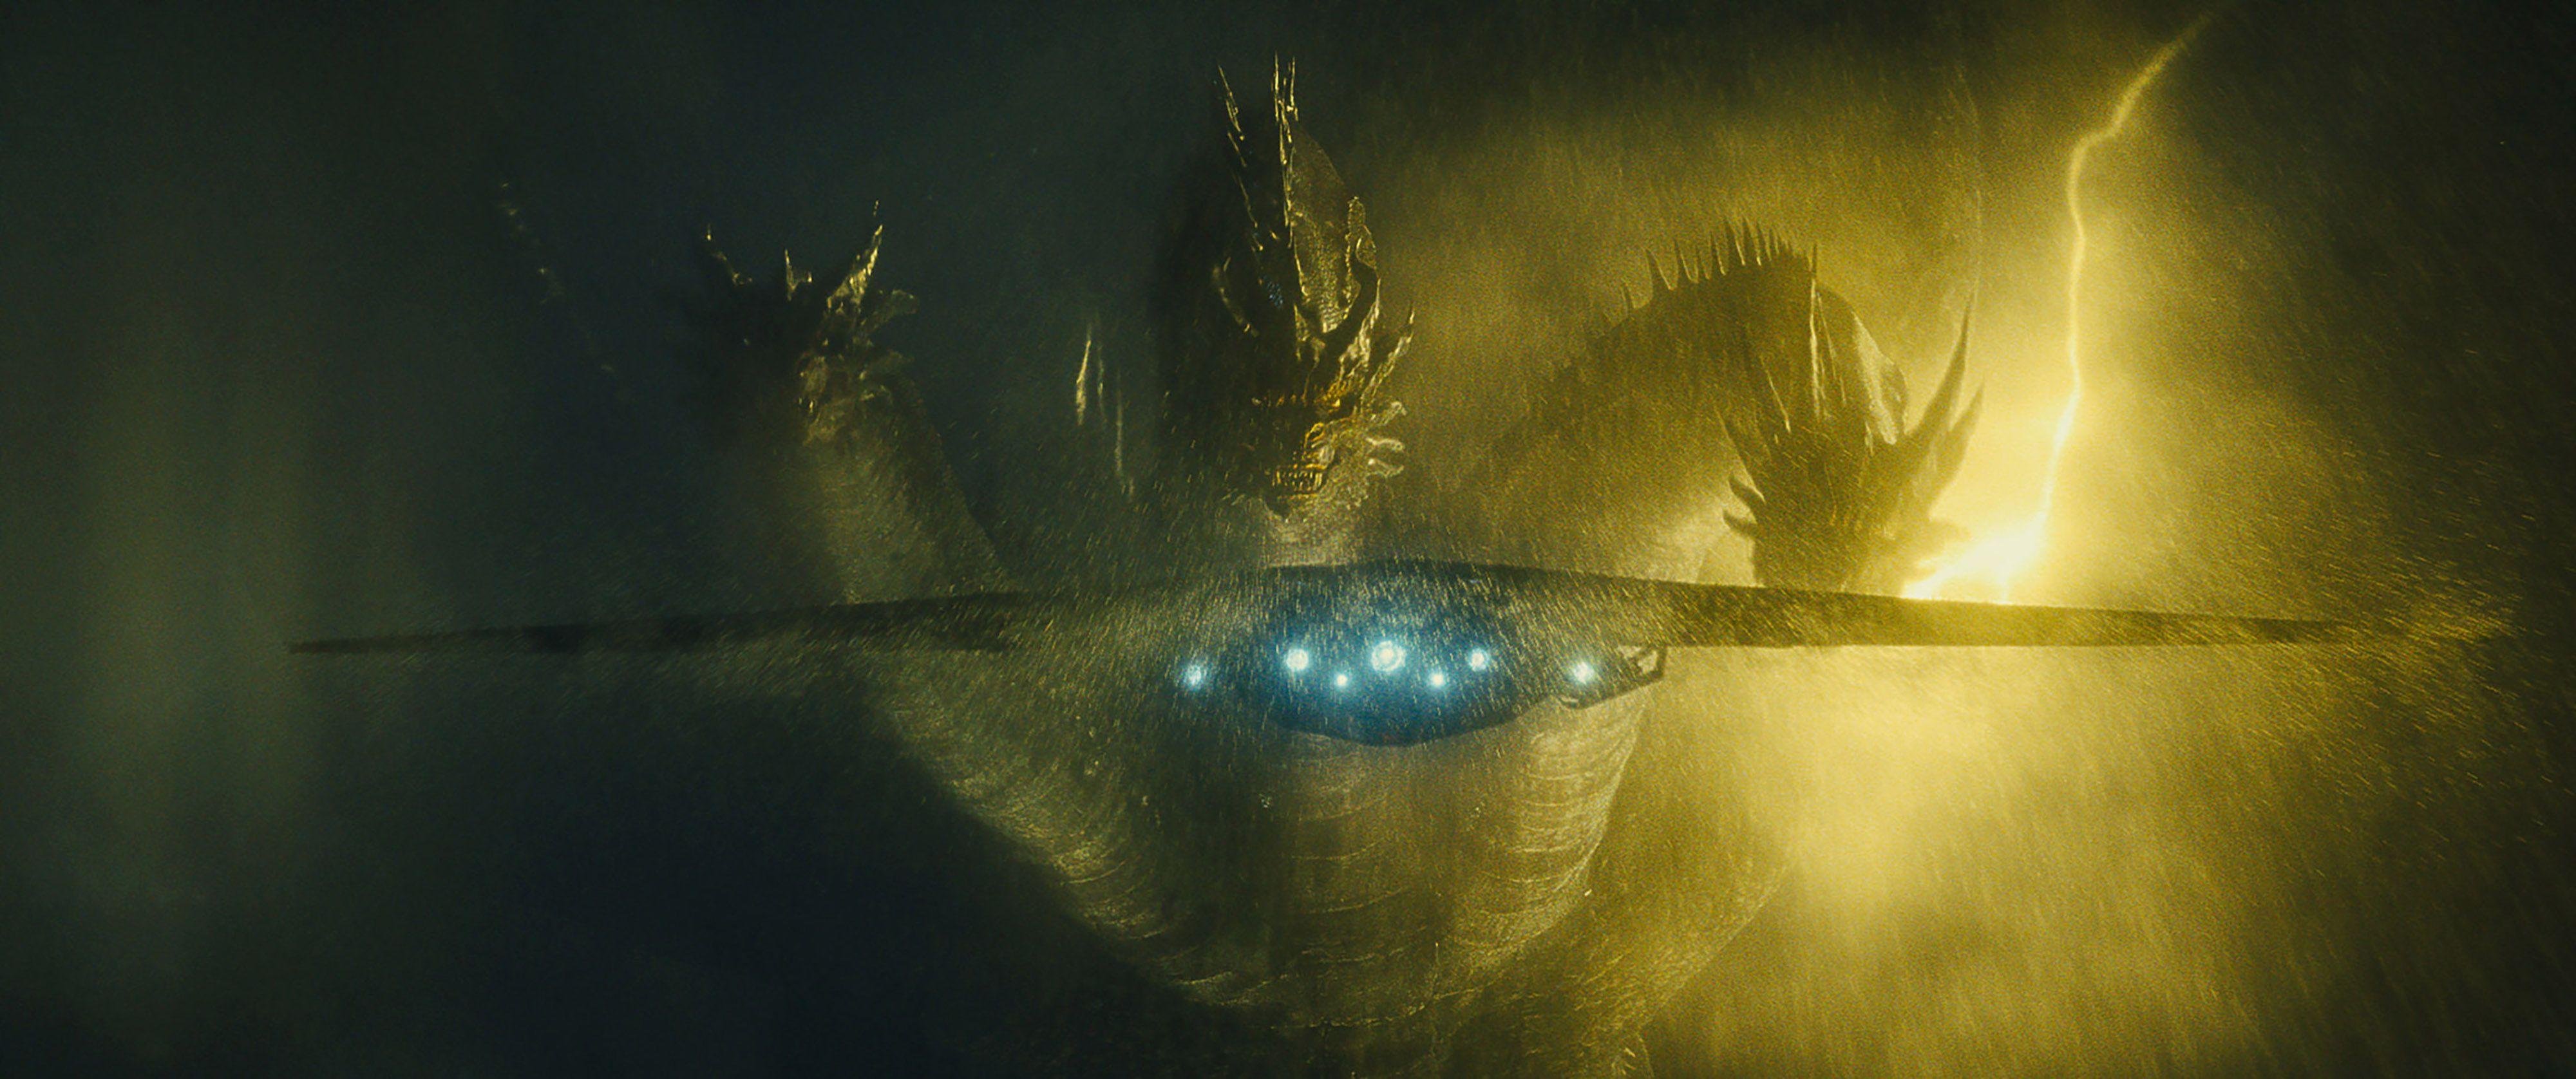 Godzilla 2: Król potworów - Król Ghidorah